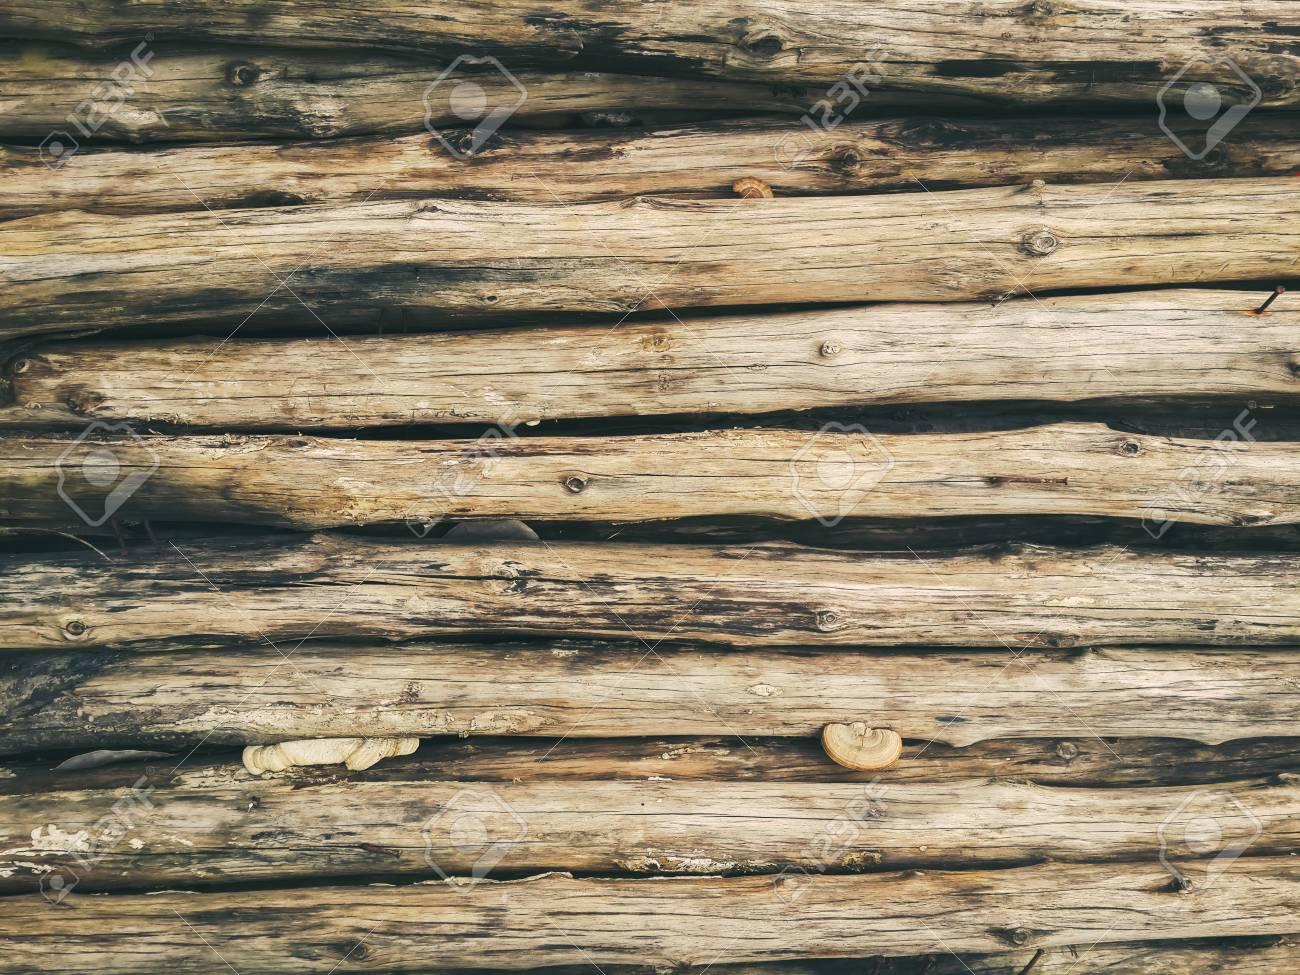 Piastrelle senza soluzione di continuità in legno parete di fondo di